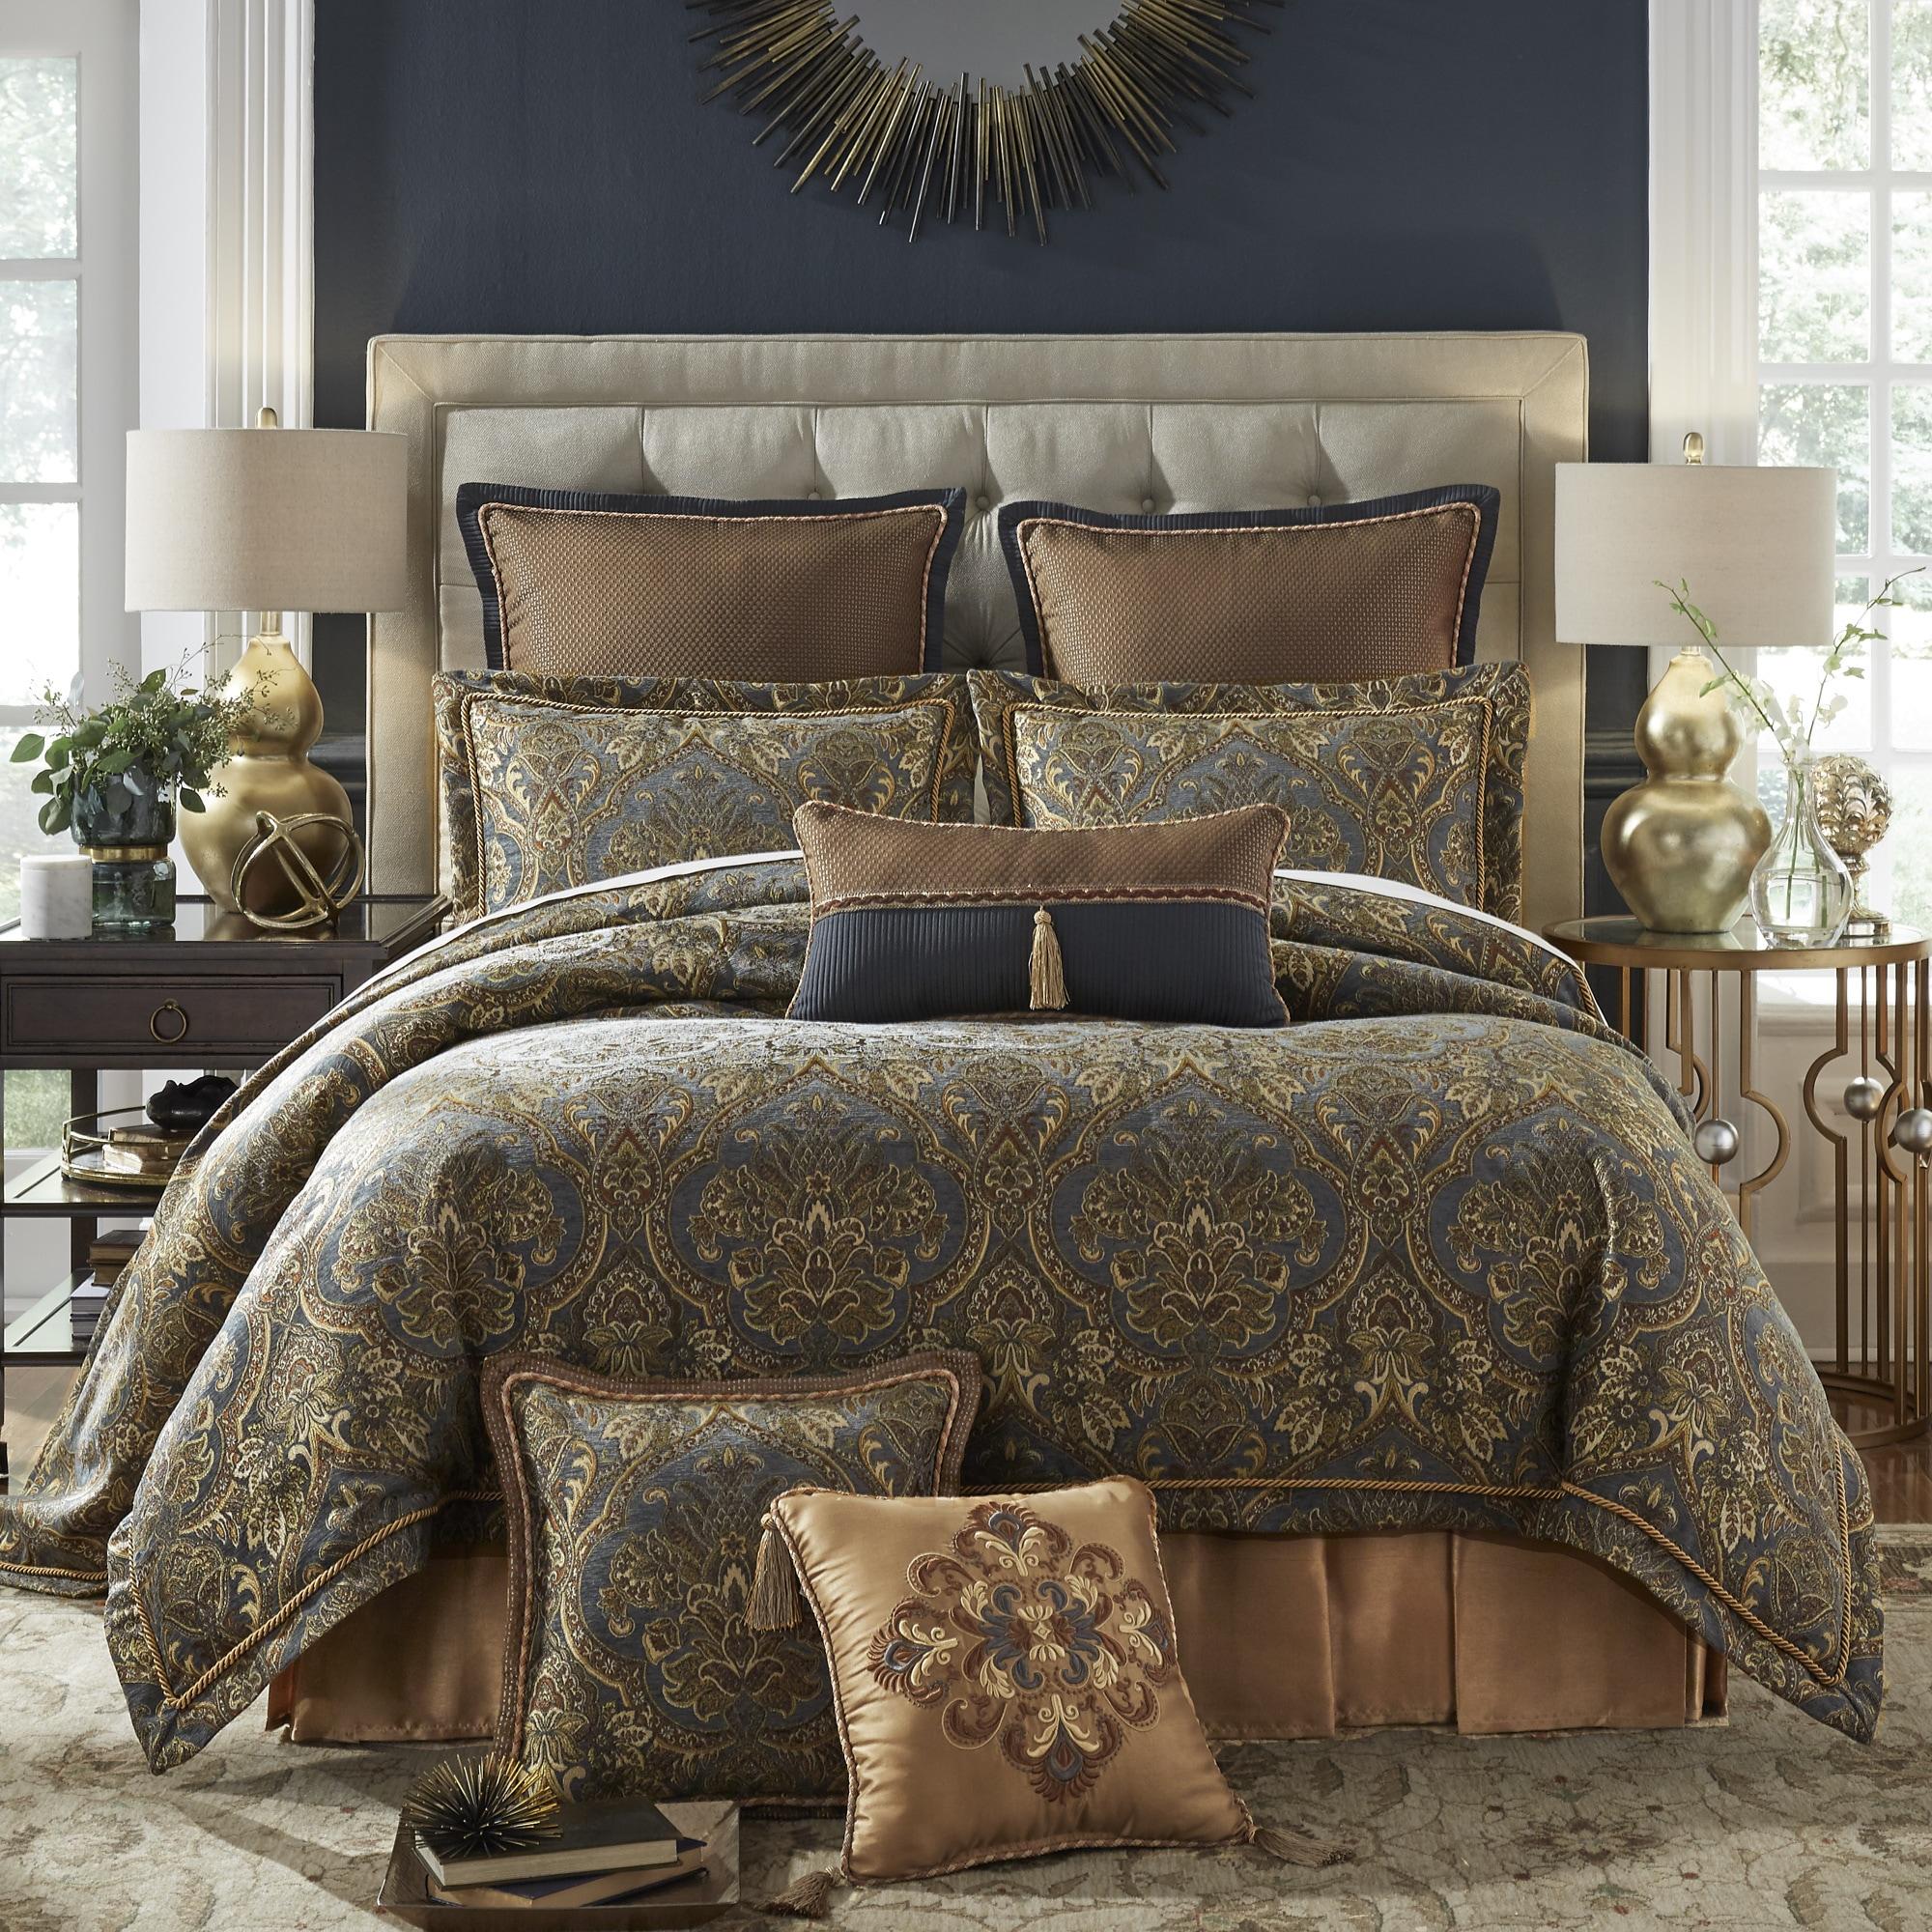 Croscill Cadeau Chenille Jacquard Woven 4-piece Comforter ...